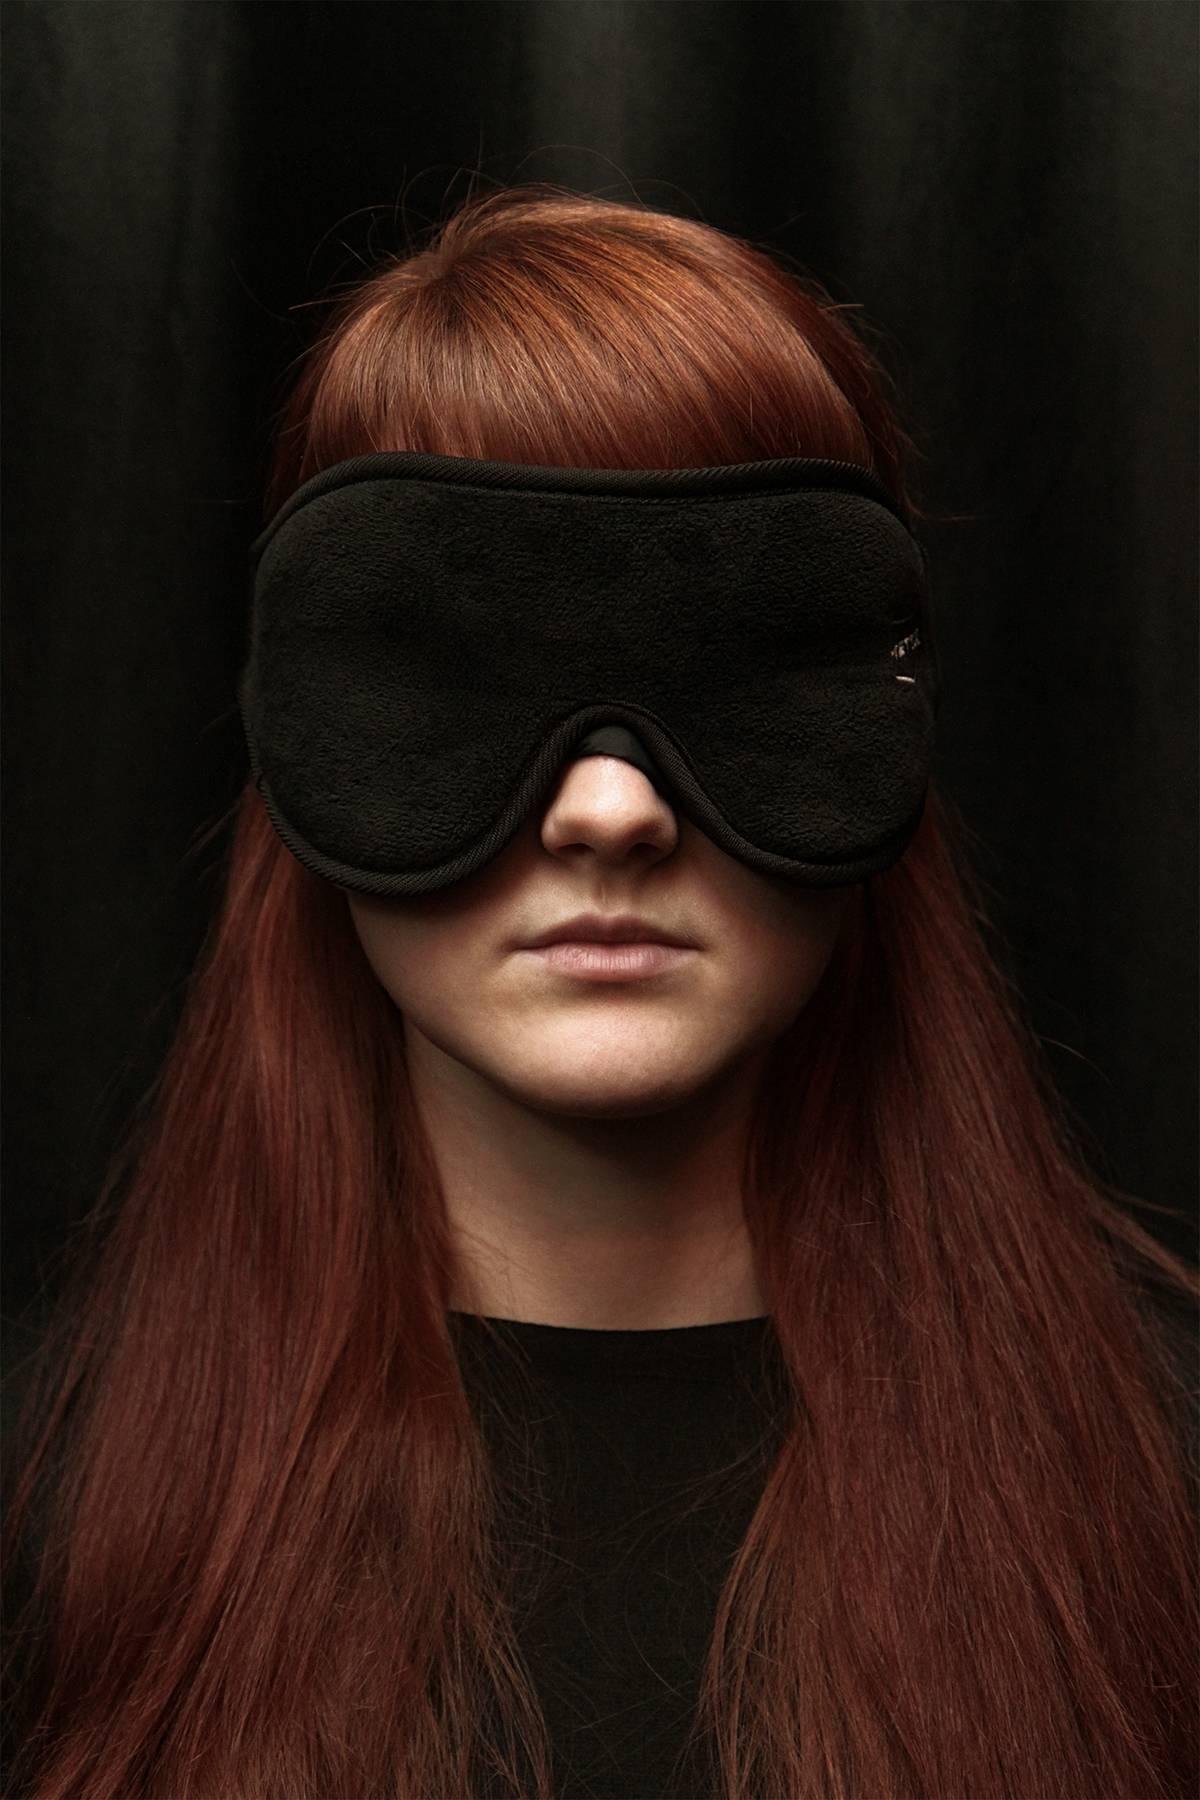 Во время игры участники сидят в таких масках с закрытыми глазами. Они могут взаимодействовать с воображаемым миром, общаться друг с другом и с героями, которые встречаются по пути